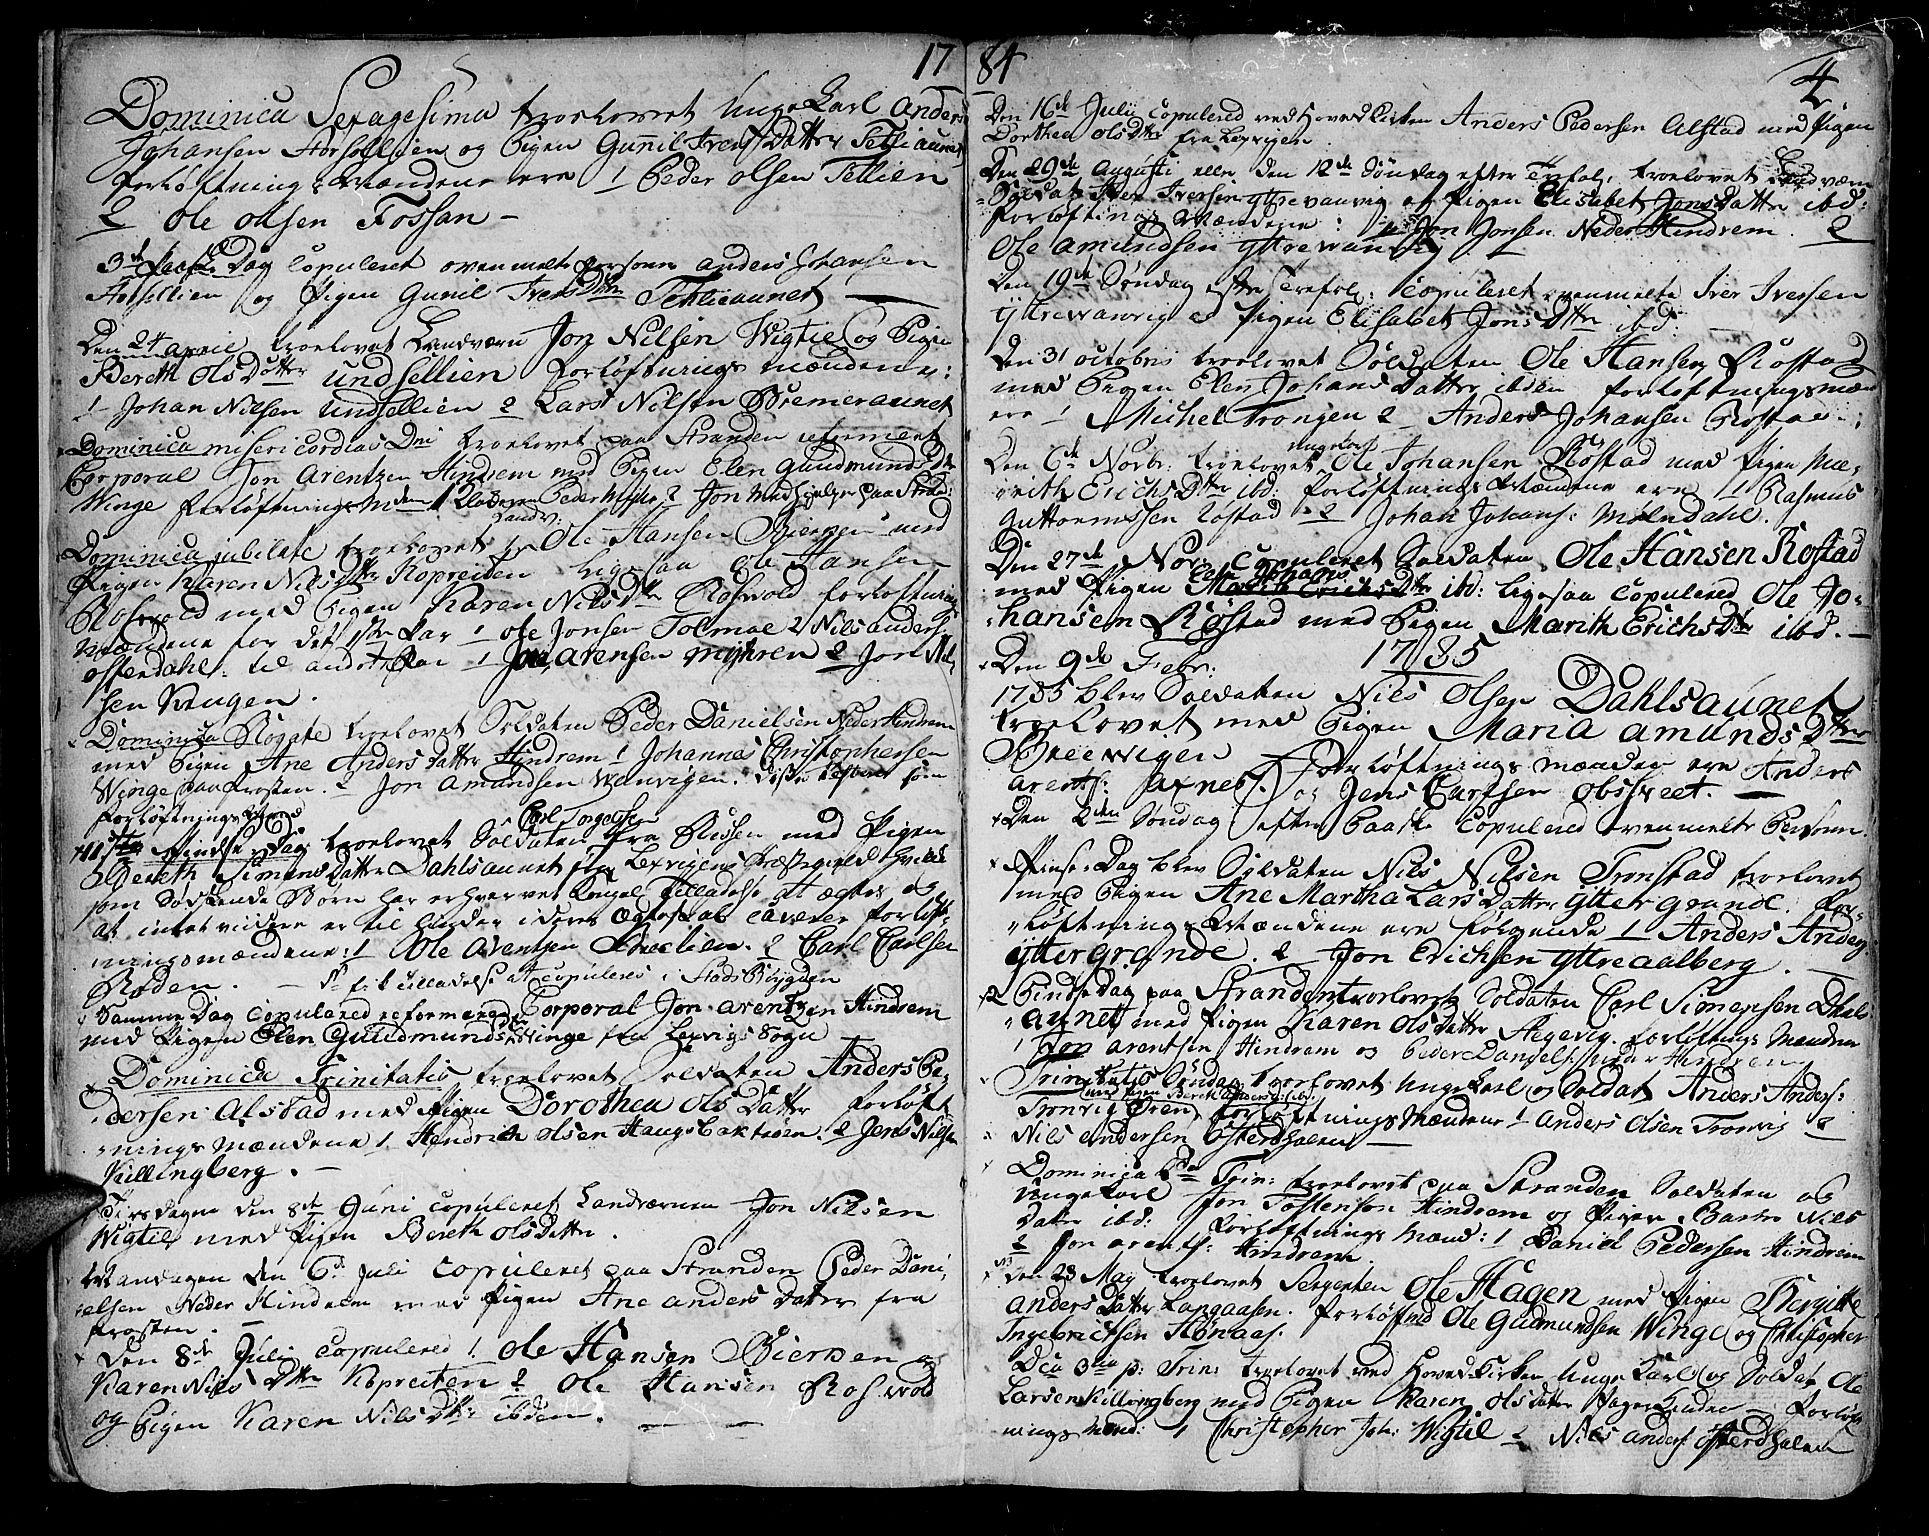 SAT, Ministerialprotokoller, klokkerbøker og fødselsregistre - Nord-Trøndelag, 701/L0004: Ministerialbok nr. 701A04, 1783-1816, s. 4